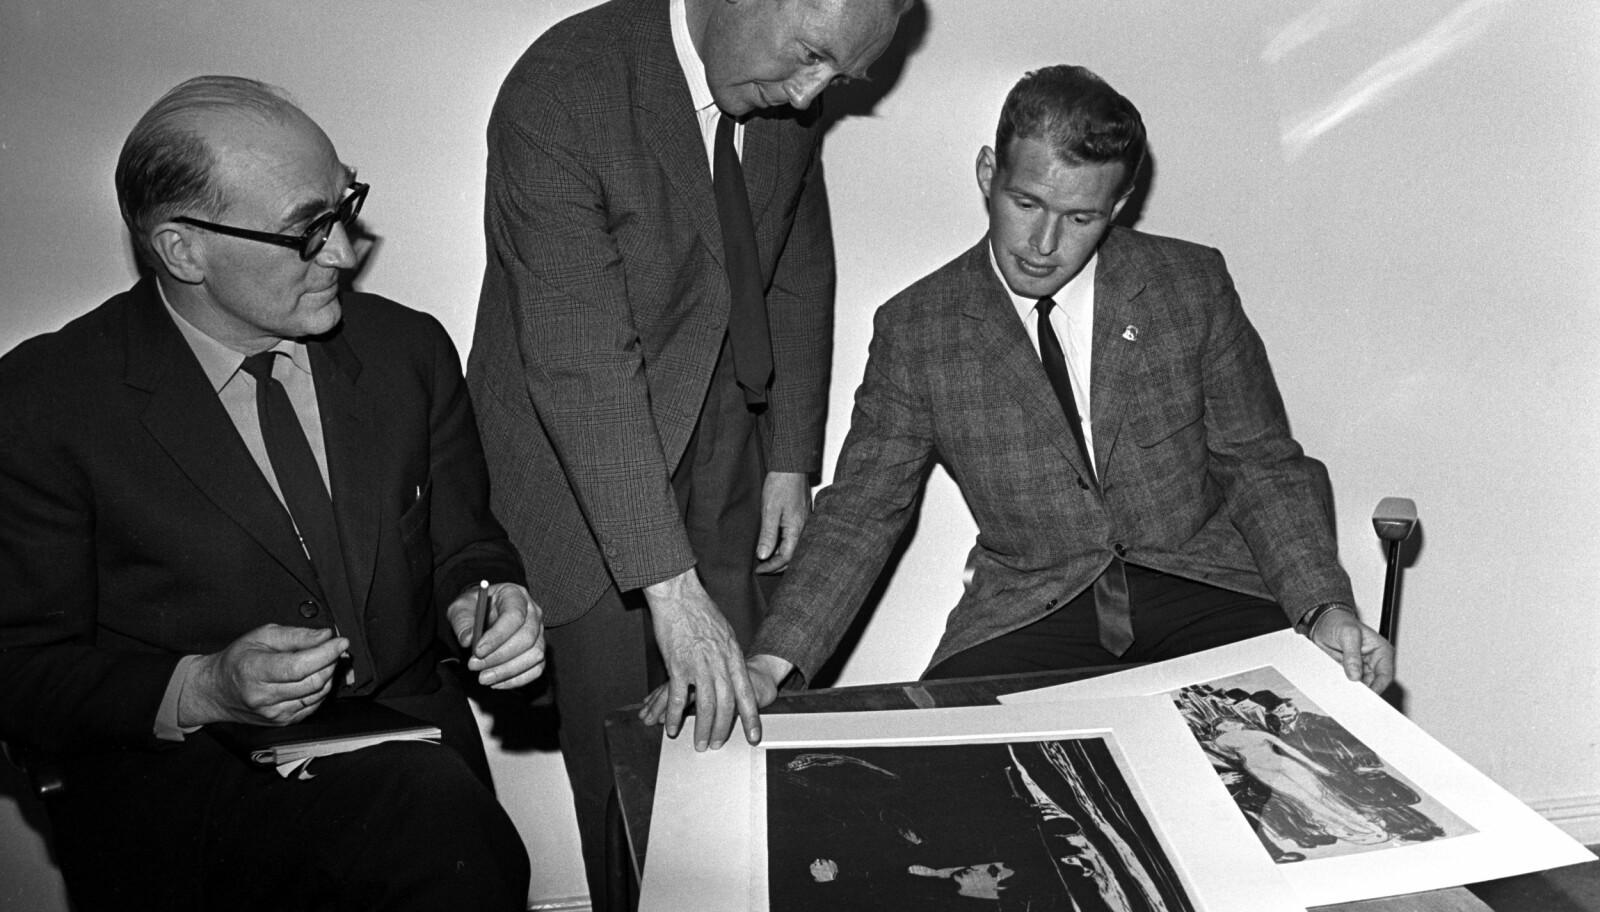 <b>KJENT FJES:</b> Leif A. Lier ble etter hvert en av Norges mest profilerte politimenn. Her er han avbildet under politiets pressekonferanse om Munch-tyveriene i 1968, tre år før drapet i Kristiansund.